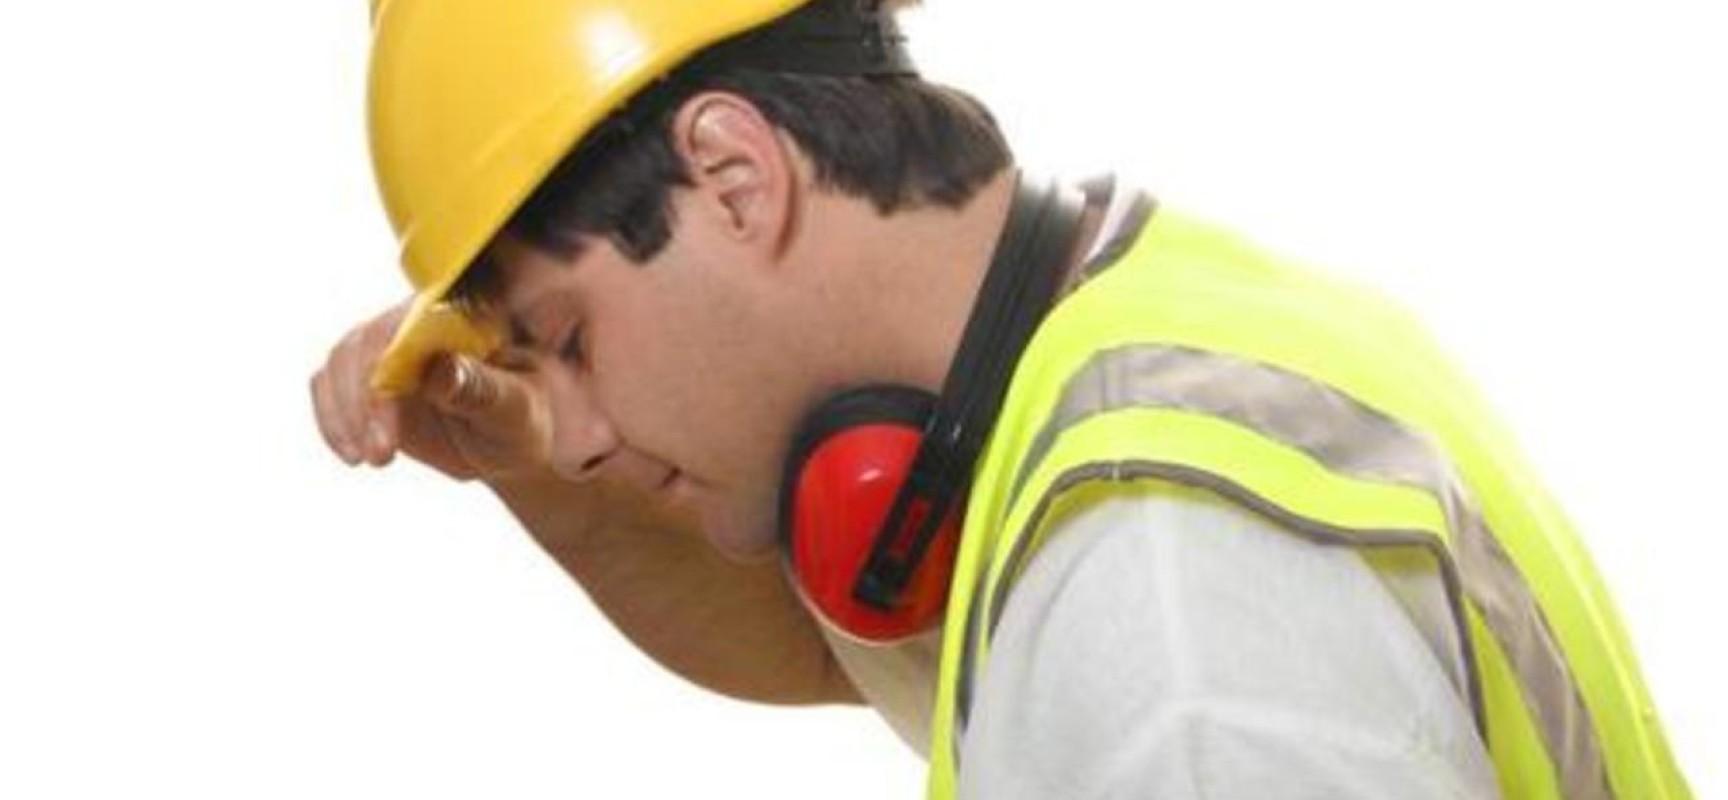 Вредные условия труда: перечень профессий